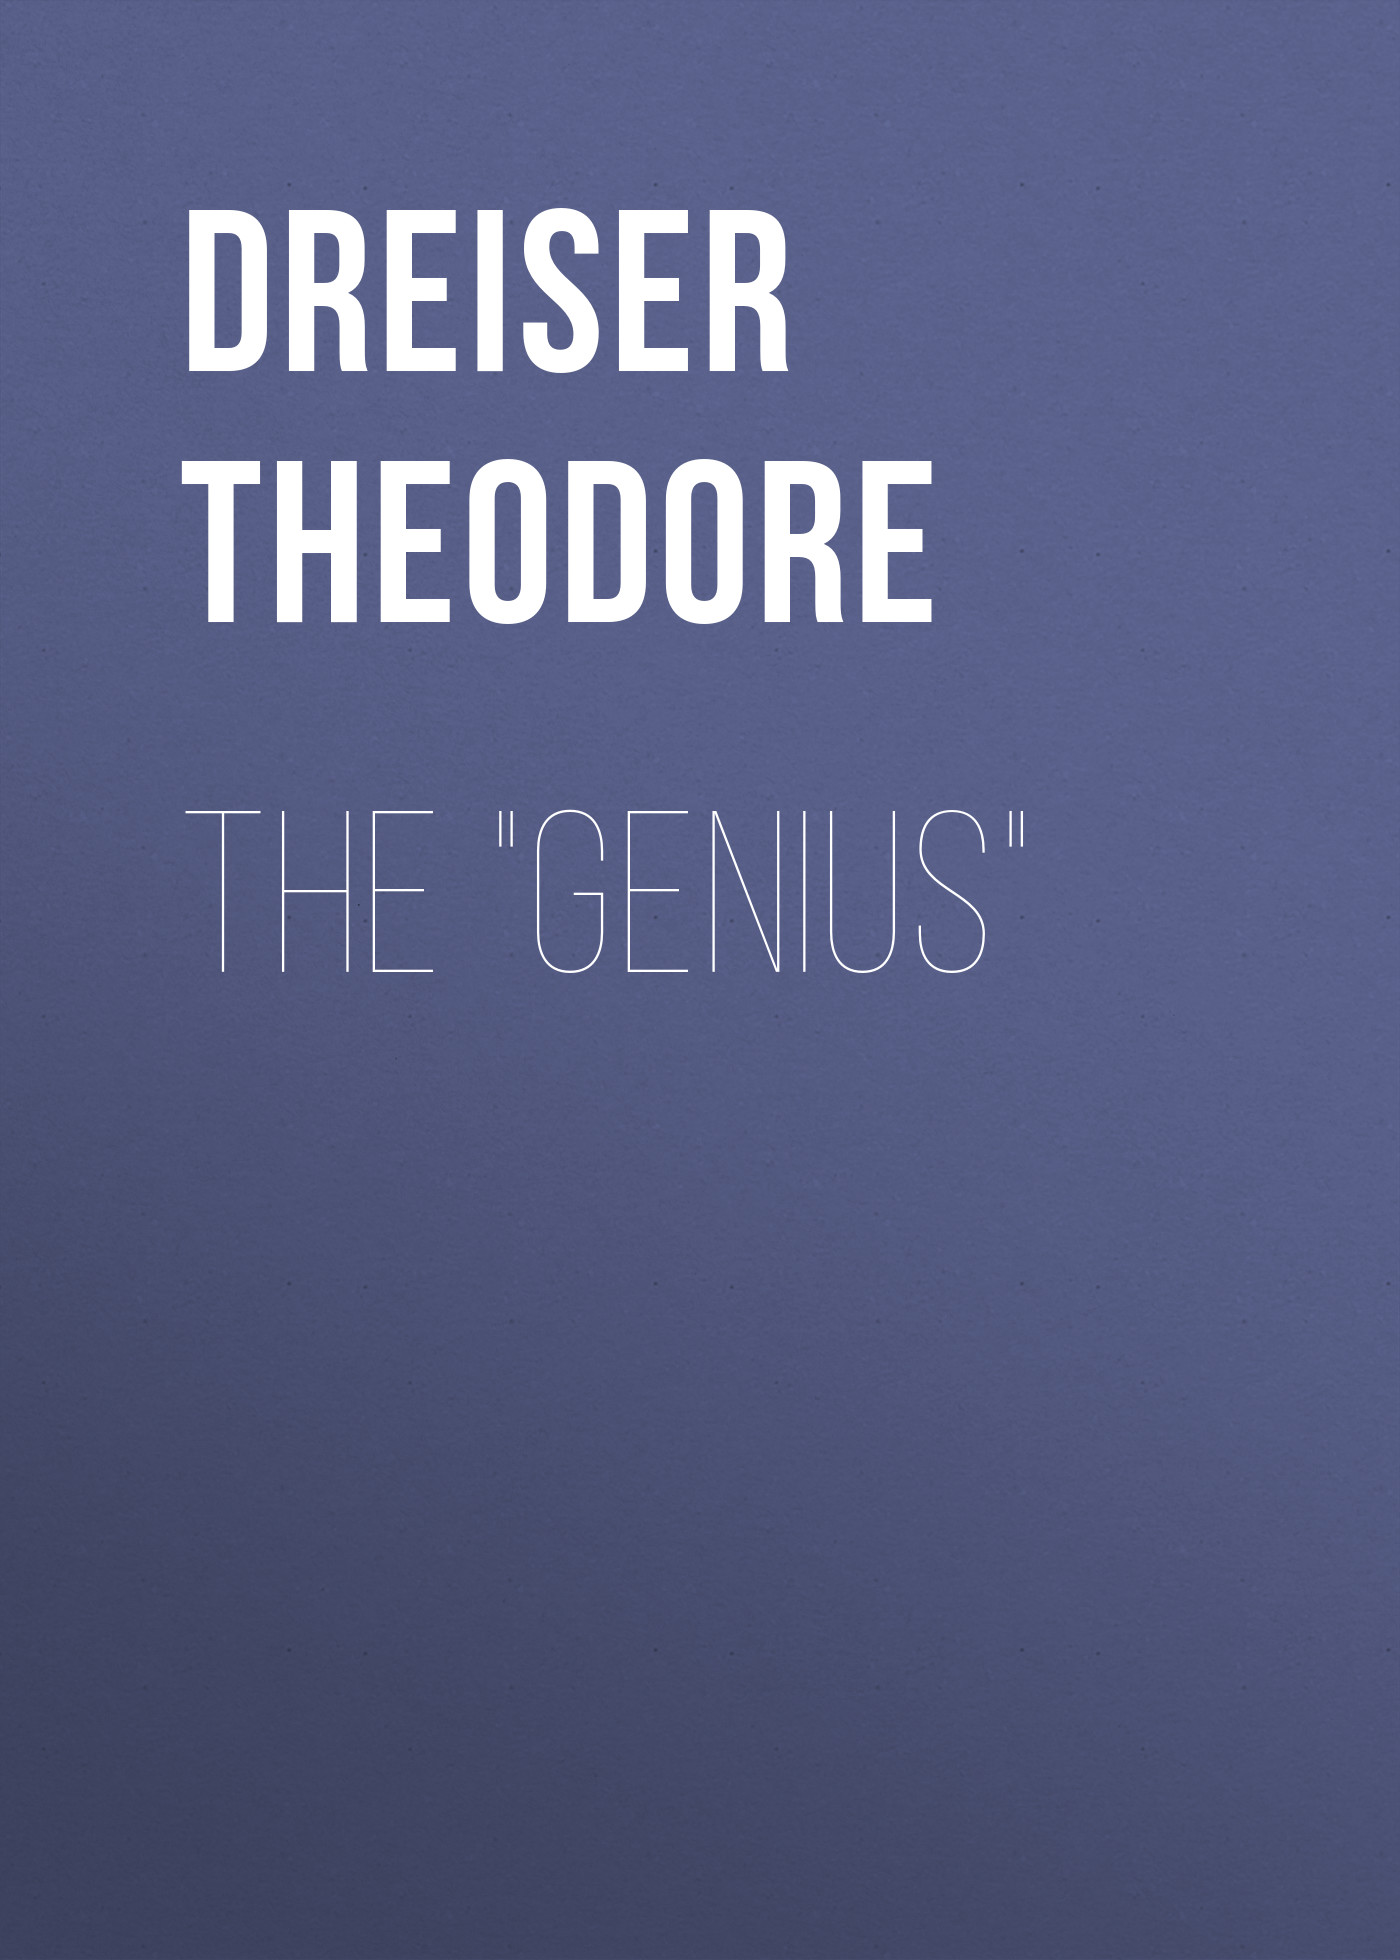 Теодор Драйзер The Genius теодор драйзер теодор драйзер избранные сочинения в 4 томах комплект